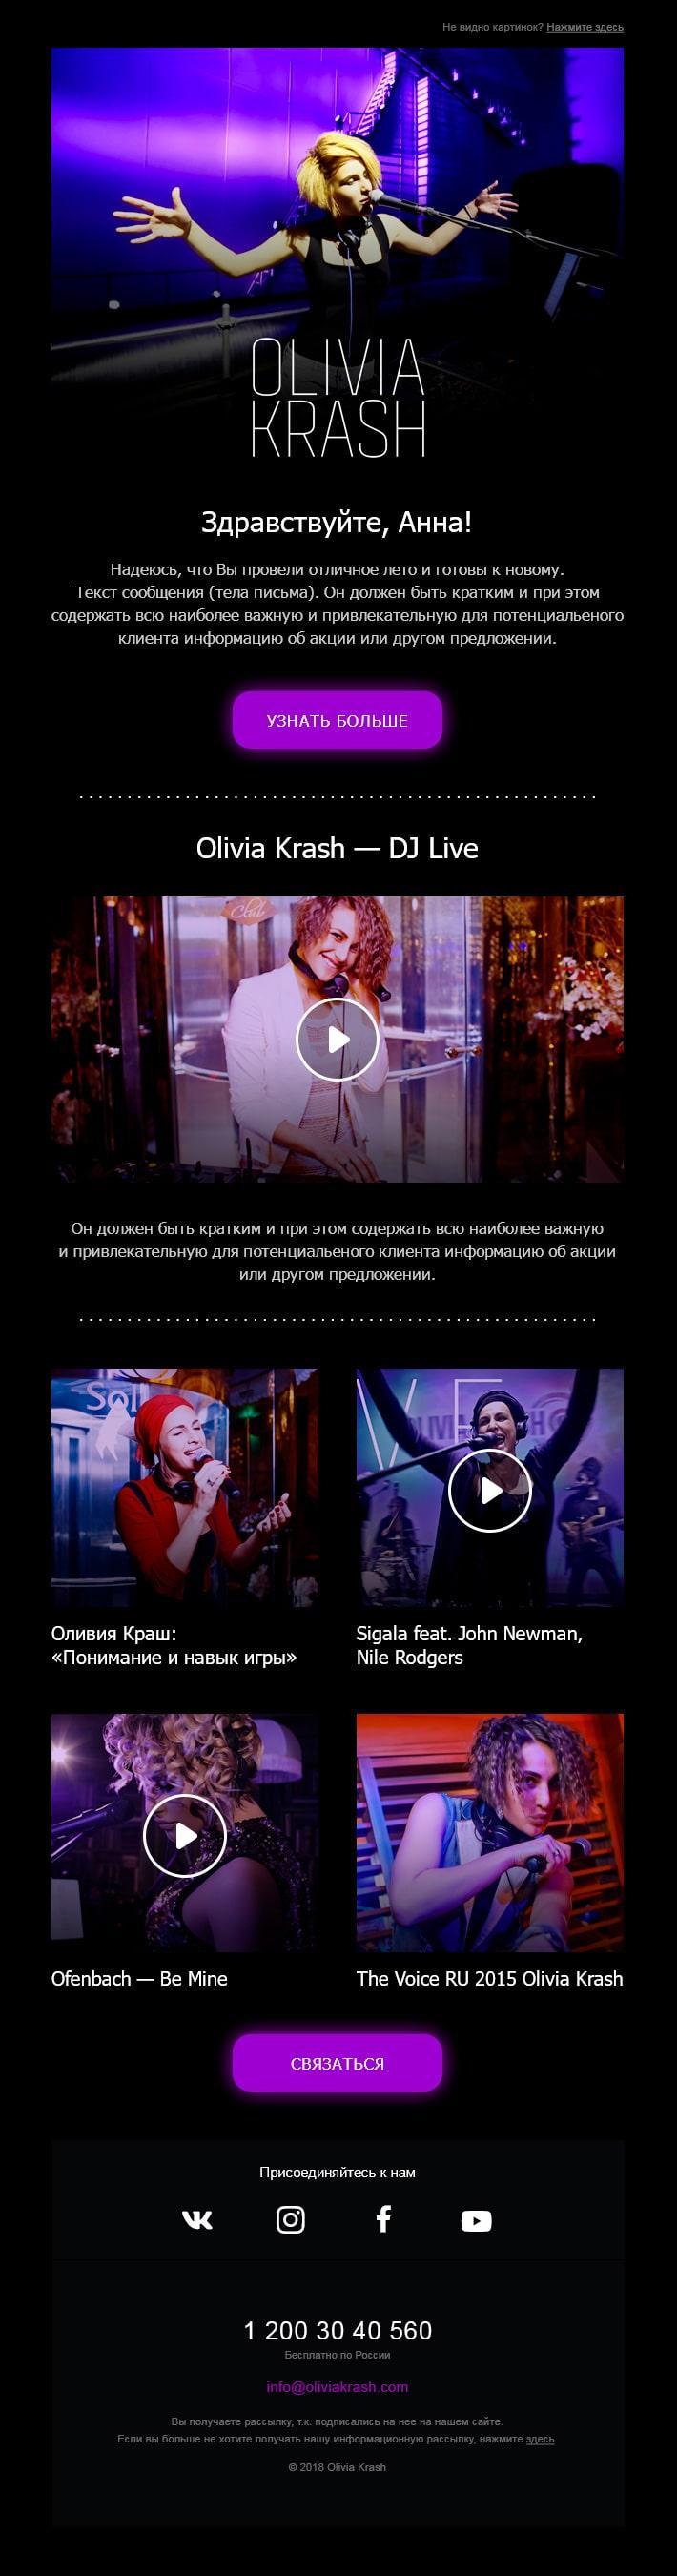 Рассылка певицы с ближайшими мероприятиями и полезными видео